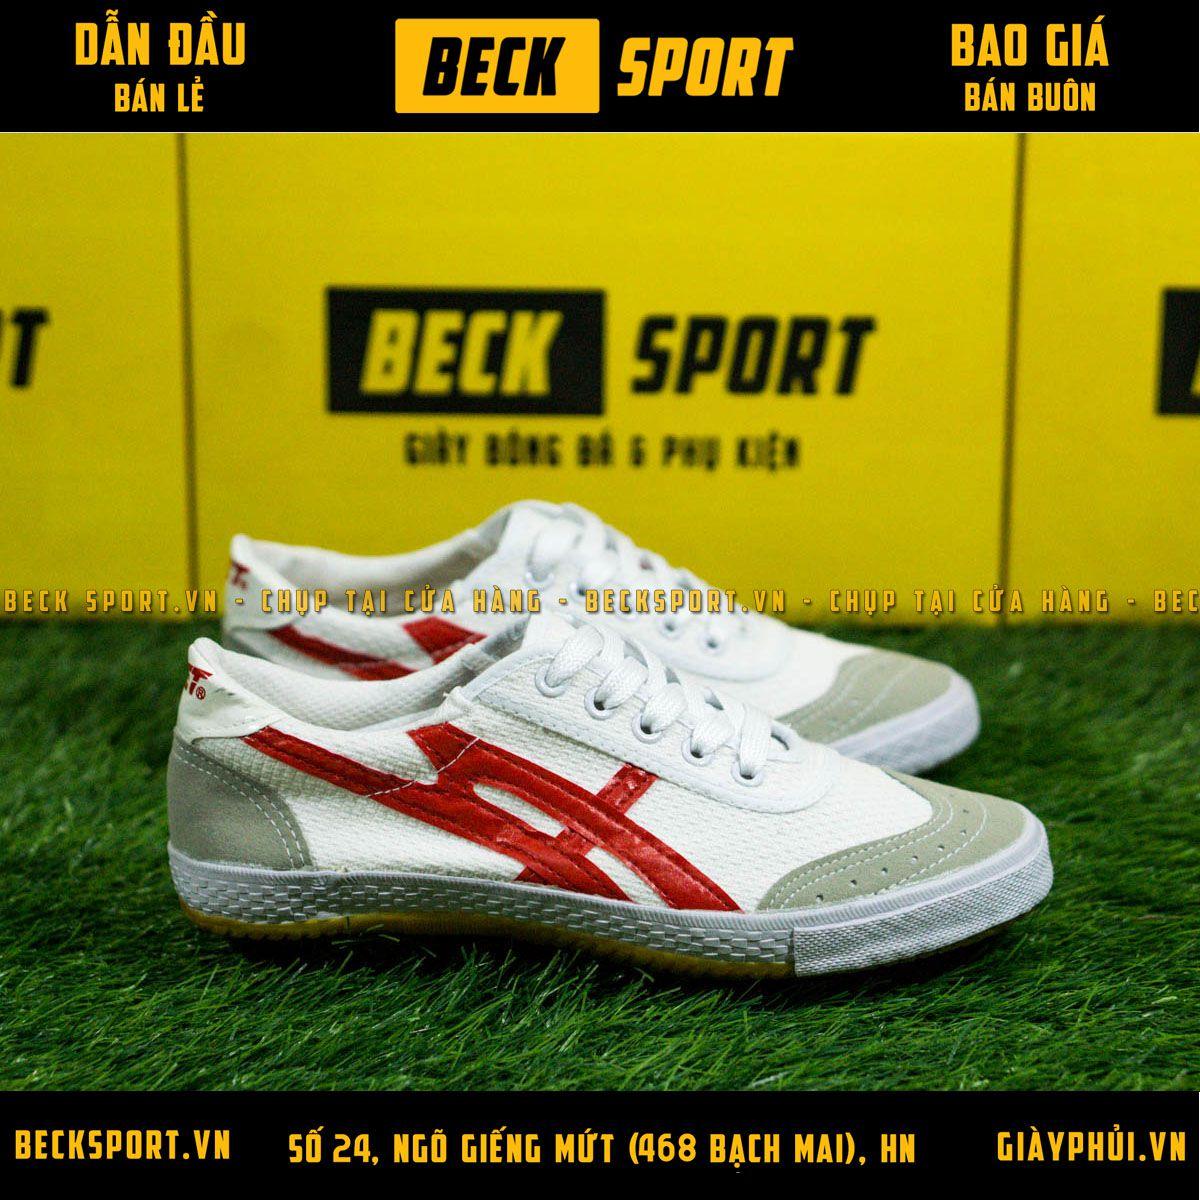 Giày Bata Chính Hãng Động Lực Ebet 6494 Trắng Đỏ